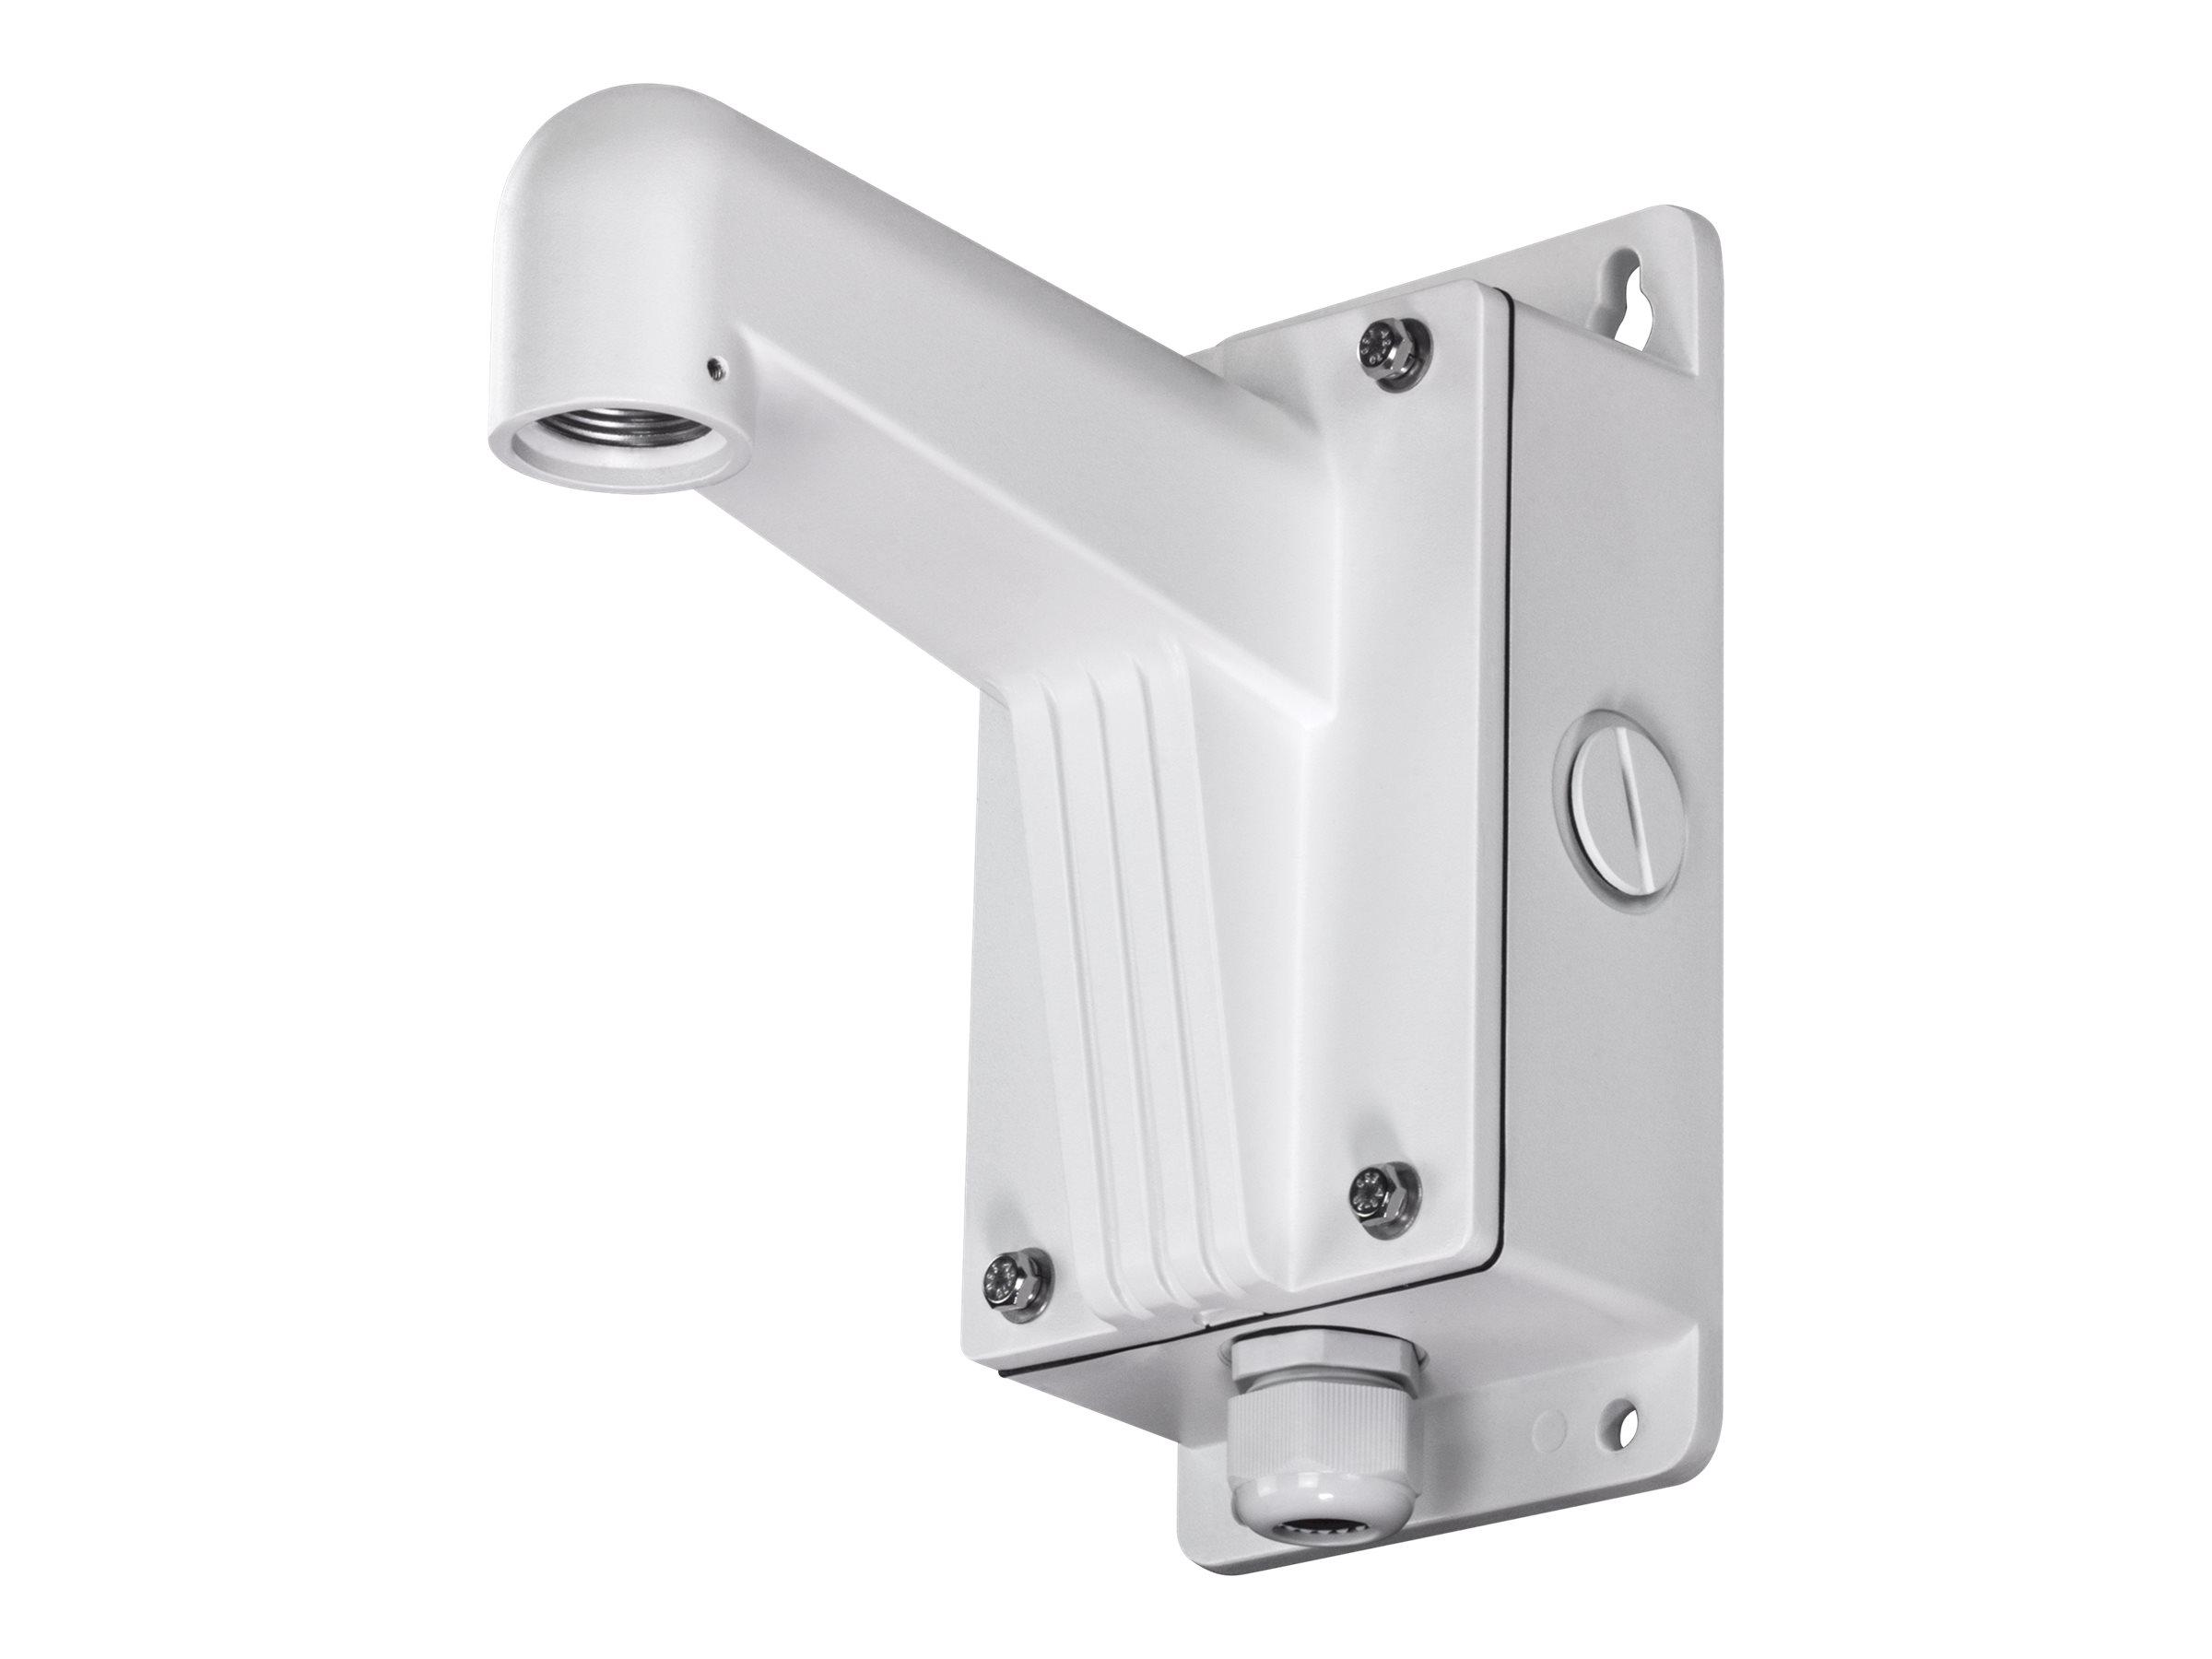 TRENDnet TV-WL300 - Kamerakuppel-Wandhalterung für Innen-/Außenbereich